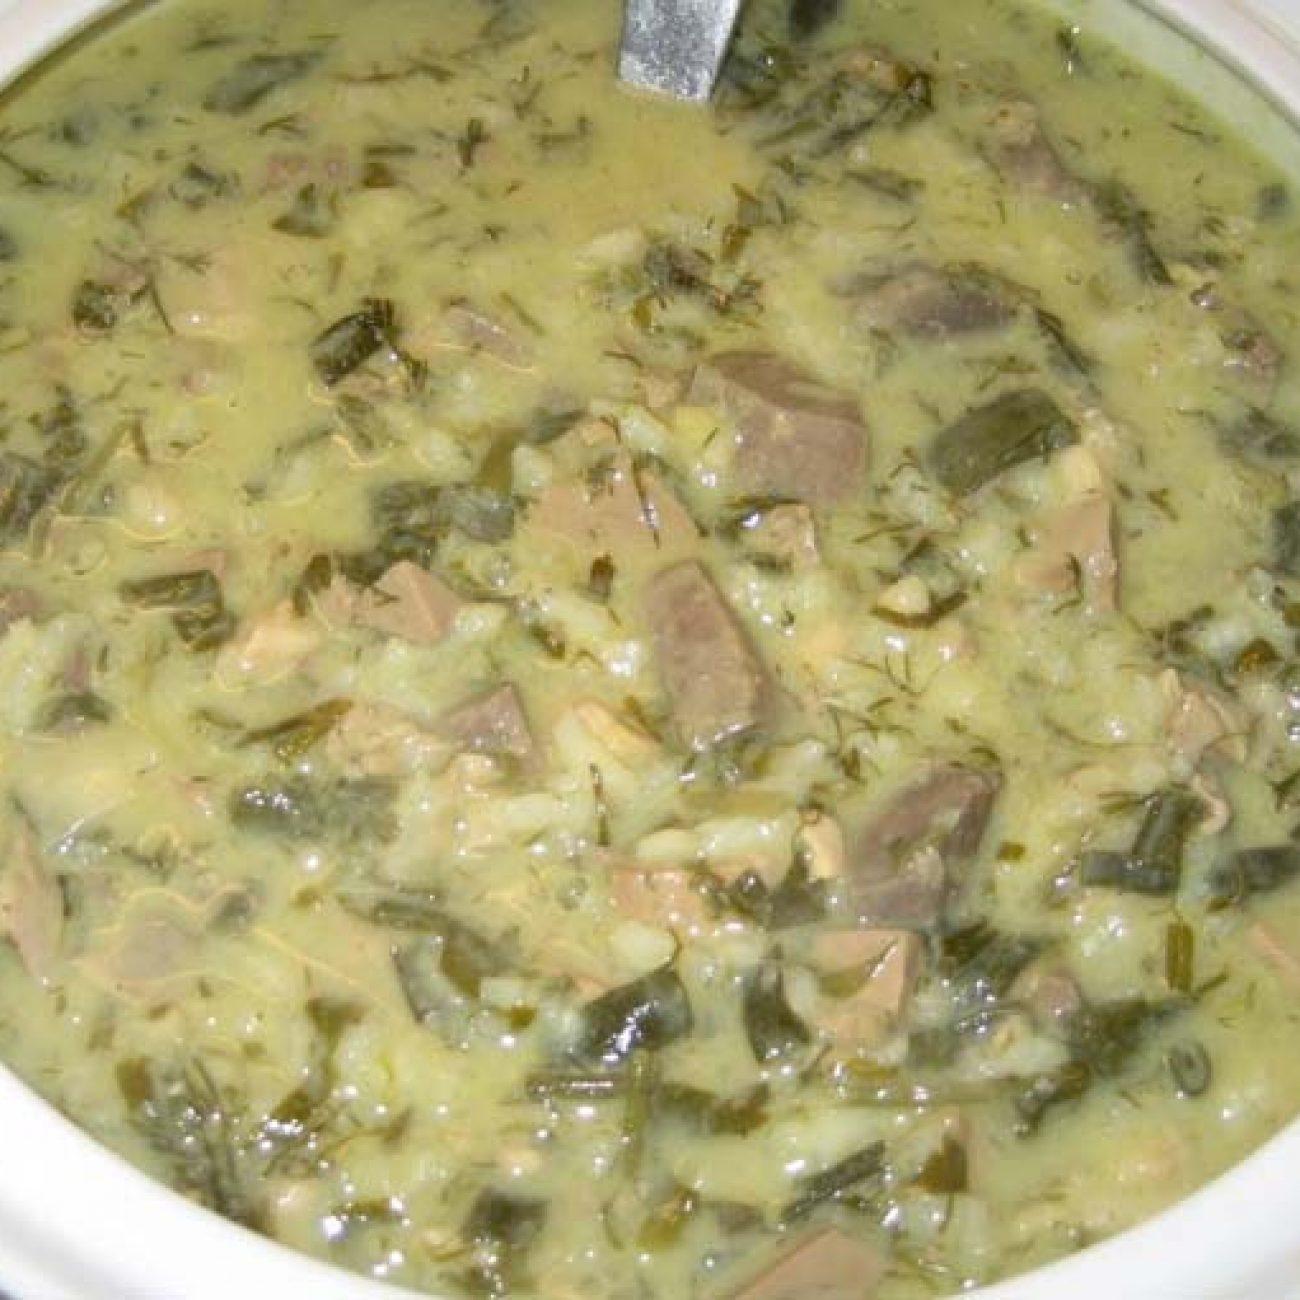 Великденска супа Магирица (Μαγειρίτσα)